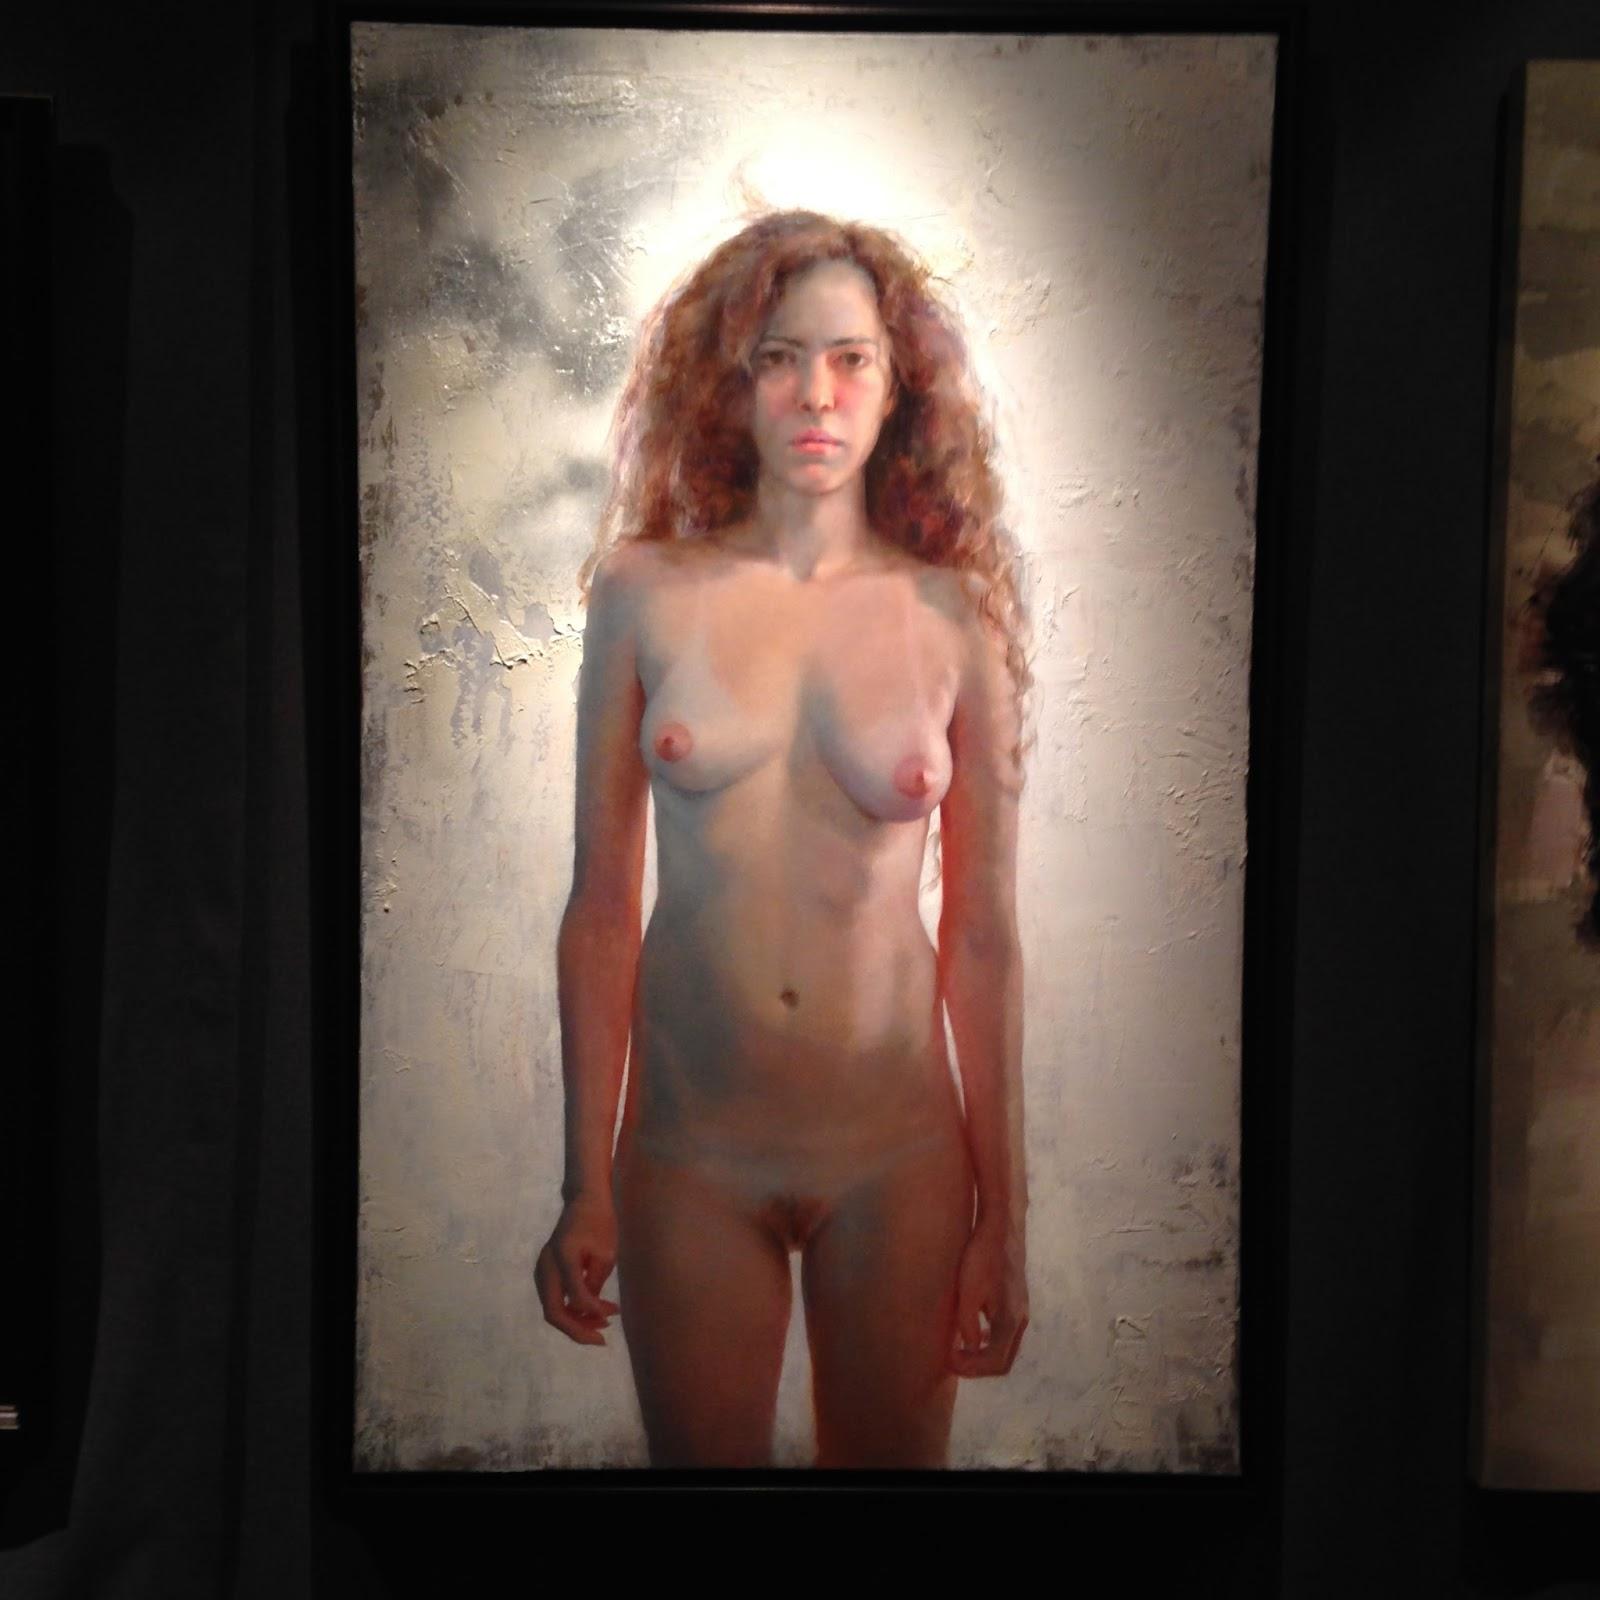 kristi pics gordon nude